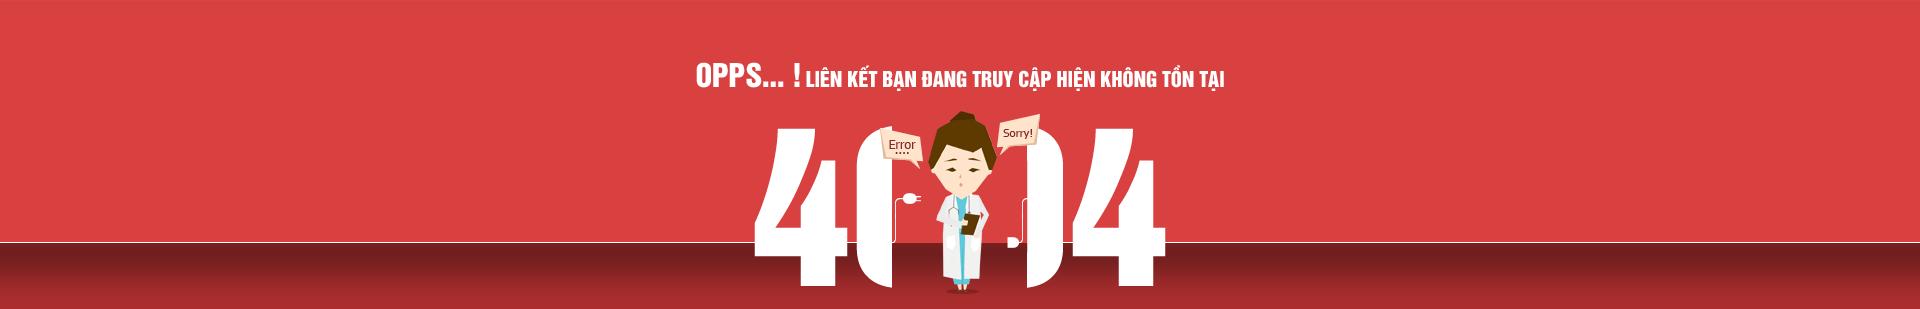 Trang báo lỗi 404